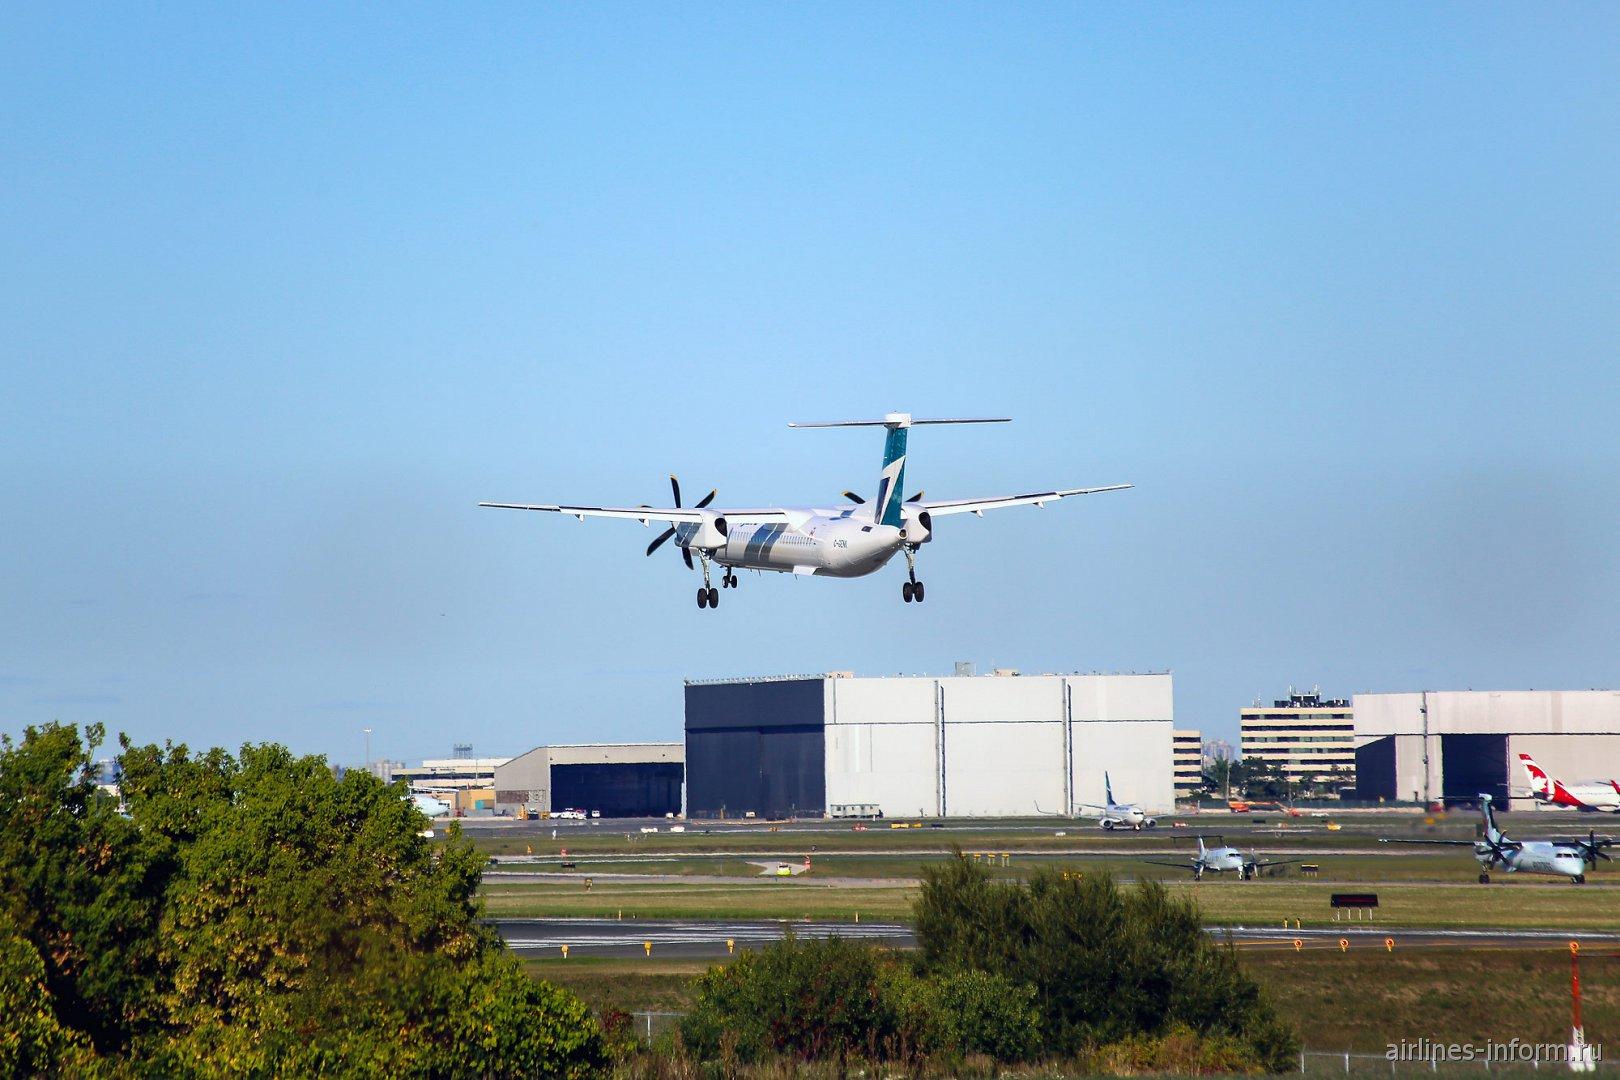 Посадка Bombardier Dash 8 Q400 в аэропорту Торонто Пирсон